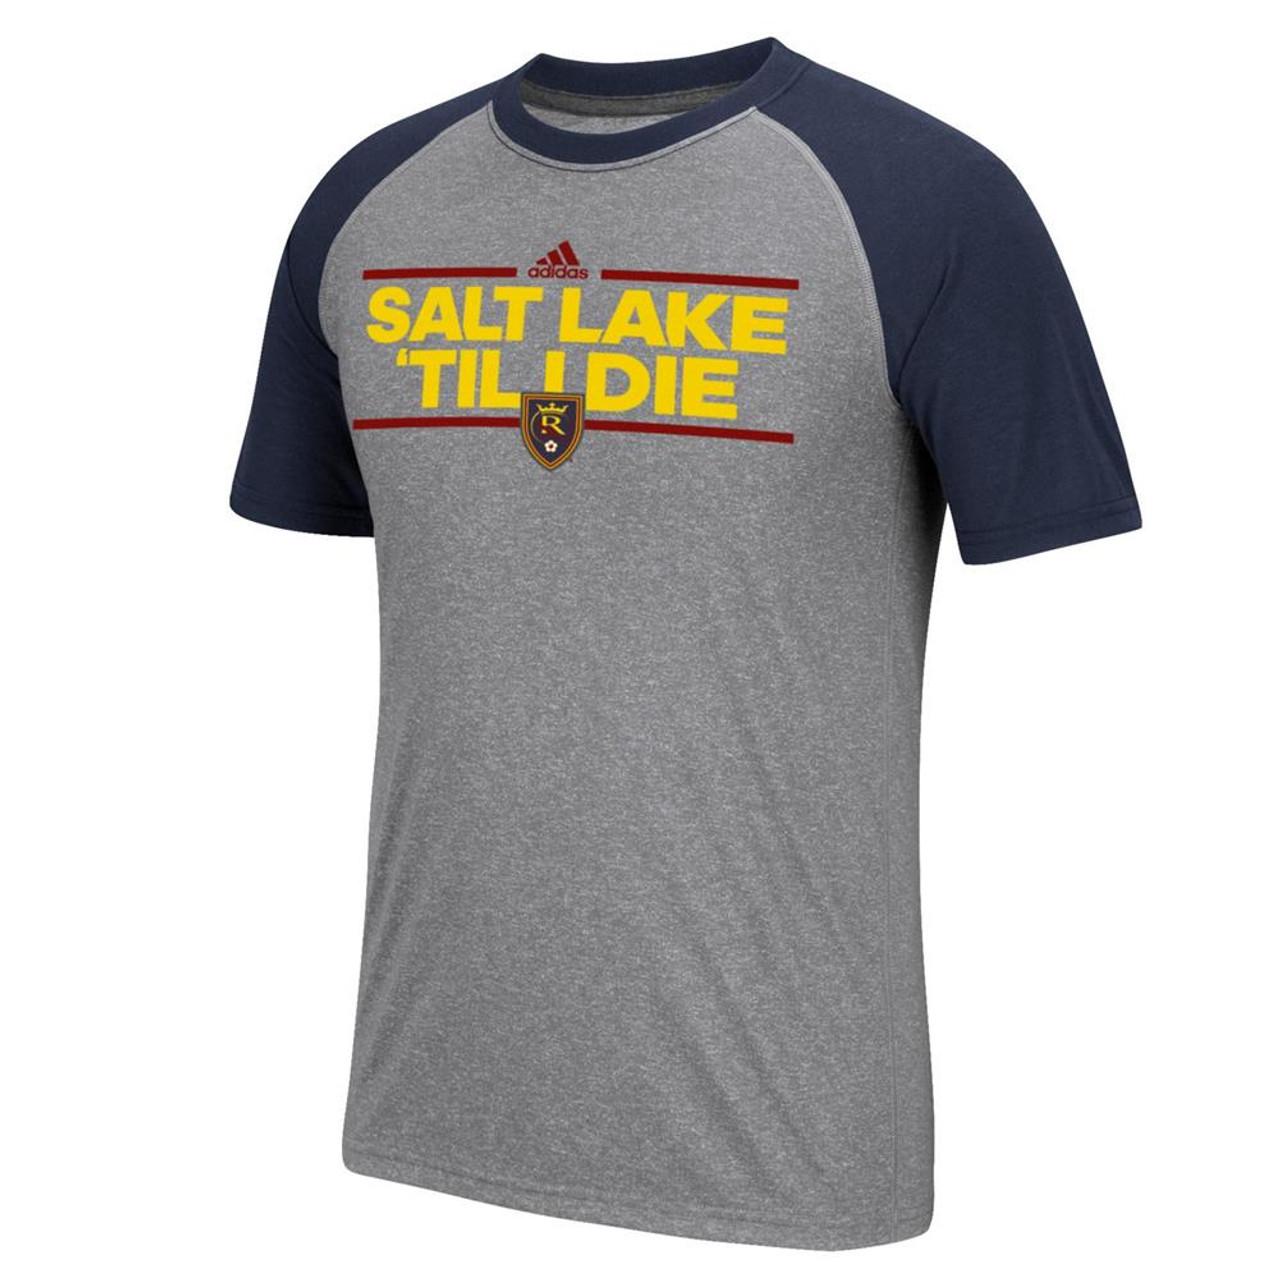 size 40 117c9 40245 Real Salt Lake Men's Short Sleeve T-Shirt Adidas Dassler Raglan Tee